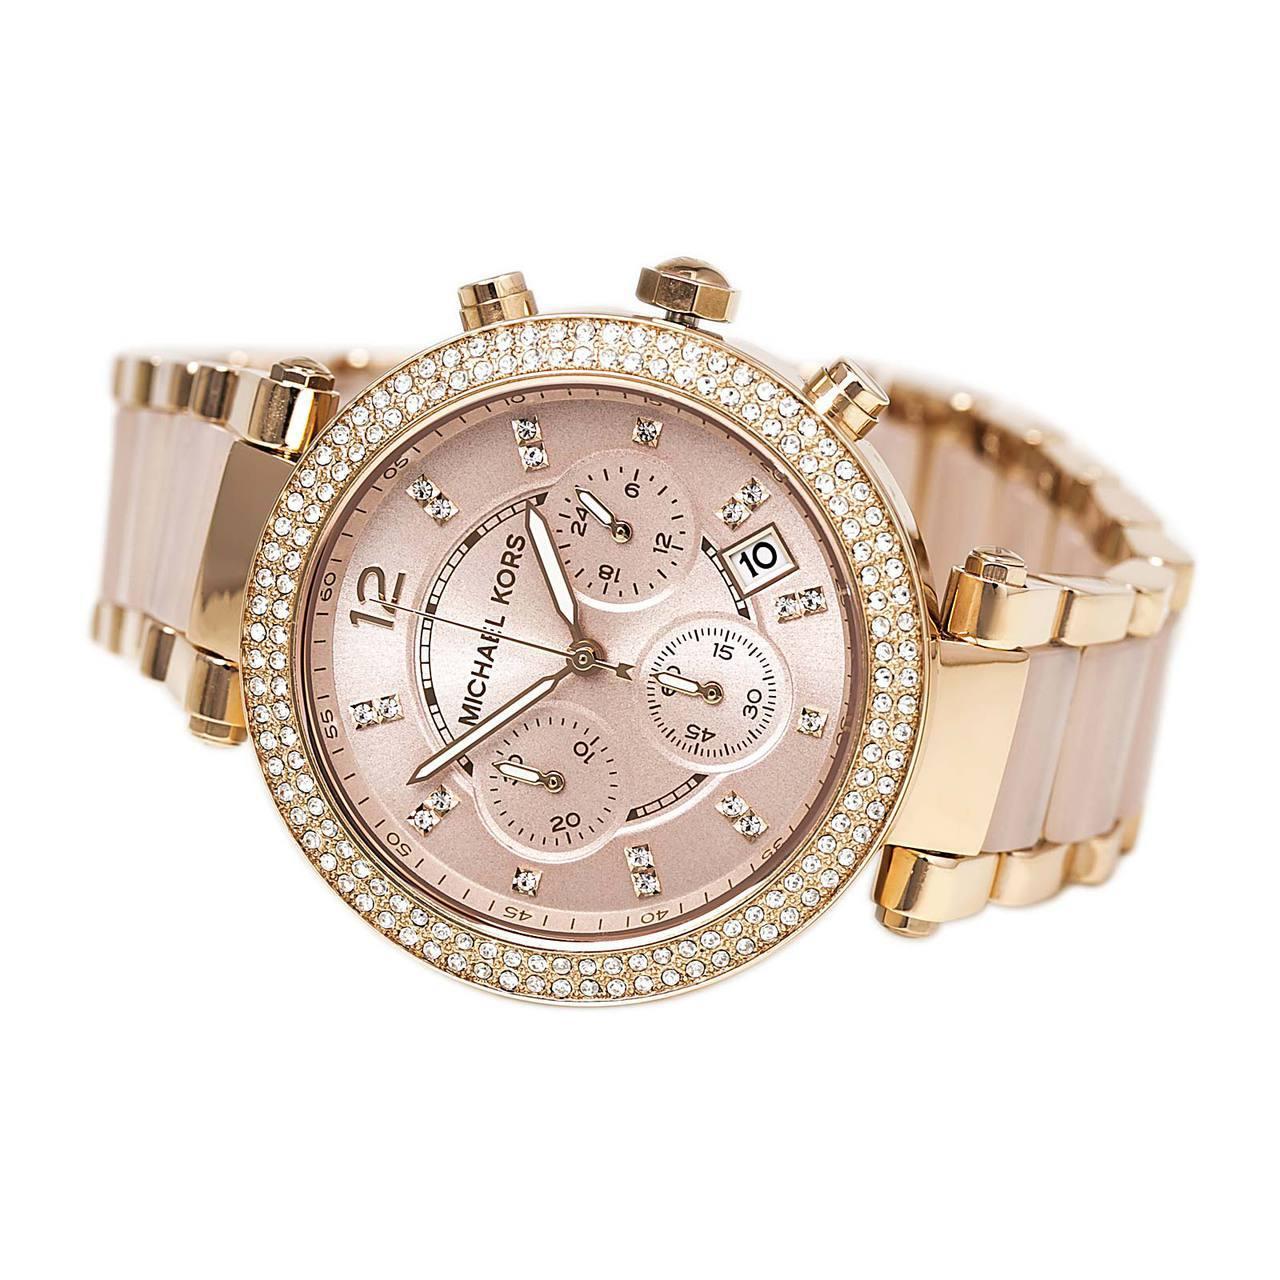 【限時8折 全店滿5000再9折】MichaelKors MK 粉玫瑰金 水鑽  陶瓷  三環 手錶 腕錶 MK5896 美國Outlet正品代購 4